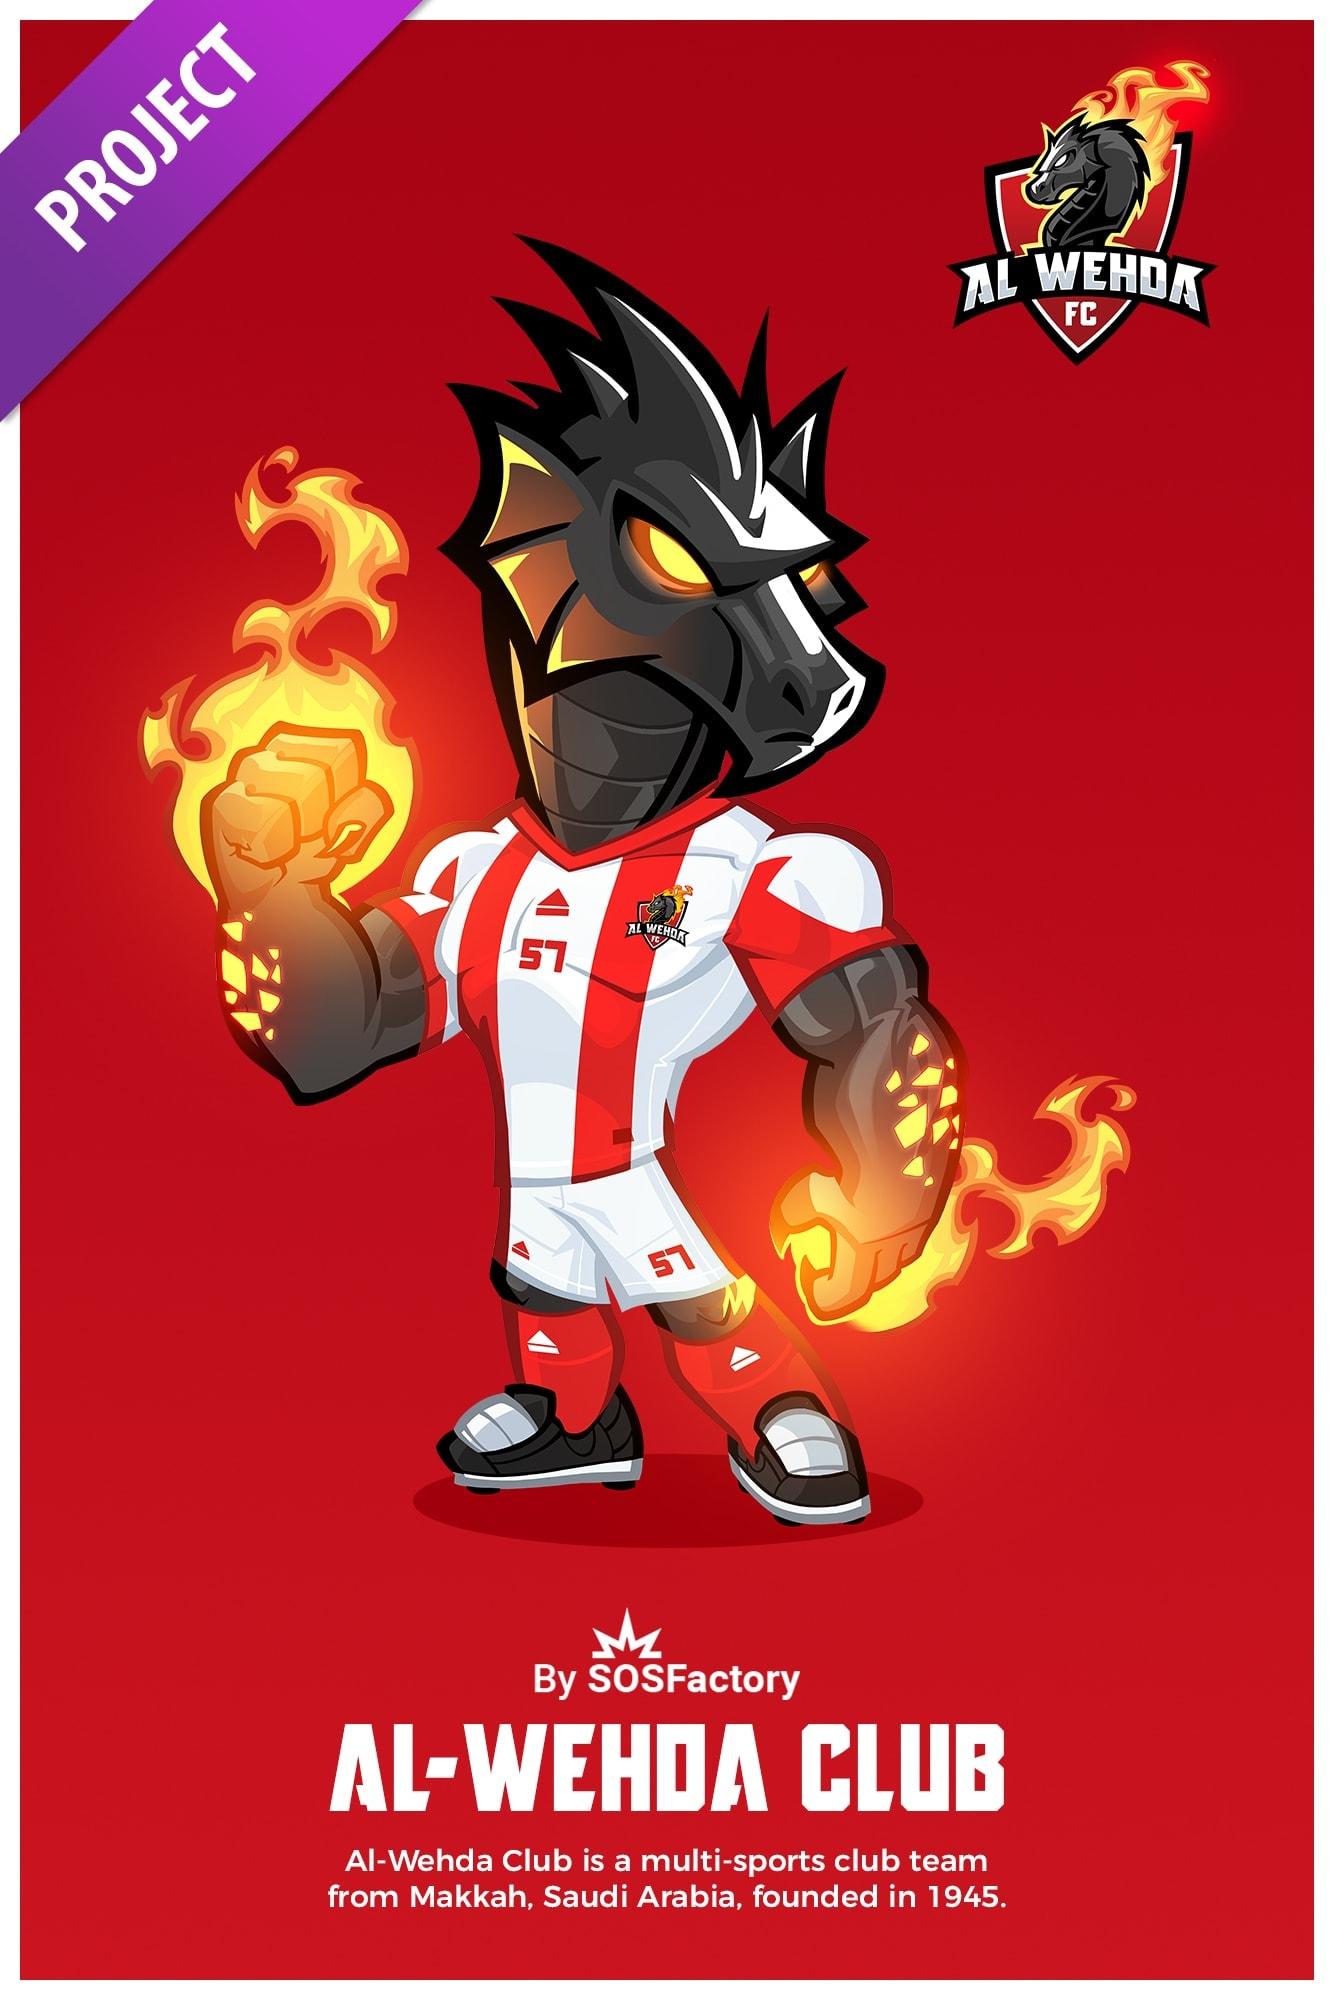 alwehda mascot design